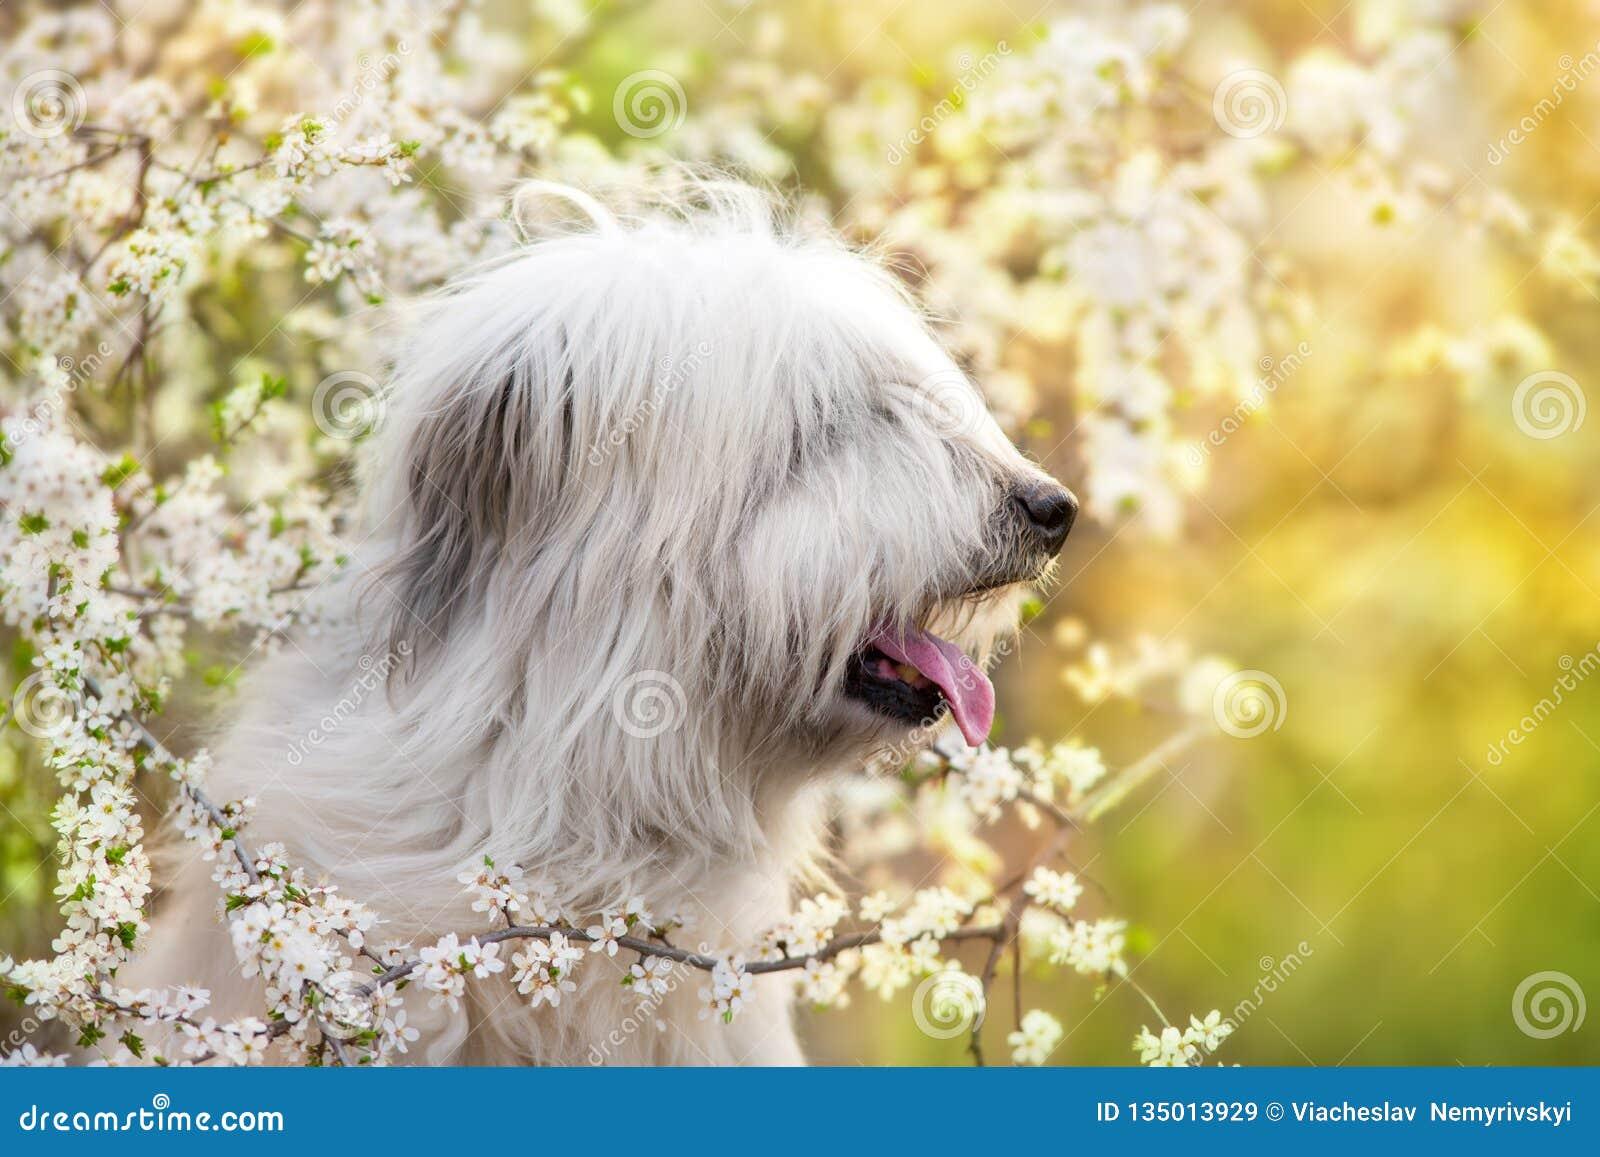 Zuiden Russische herdershond